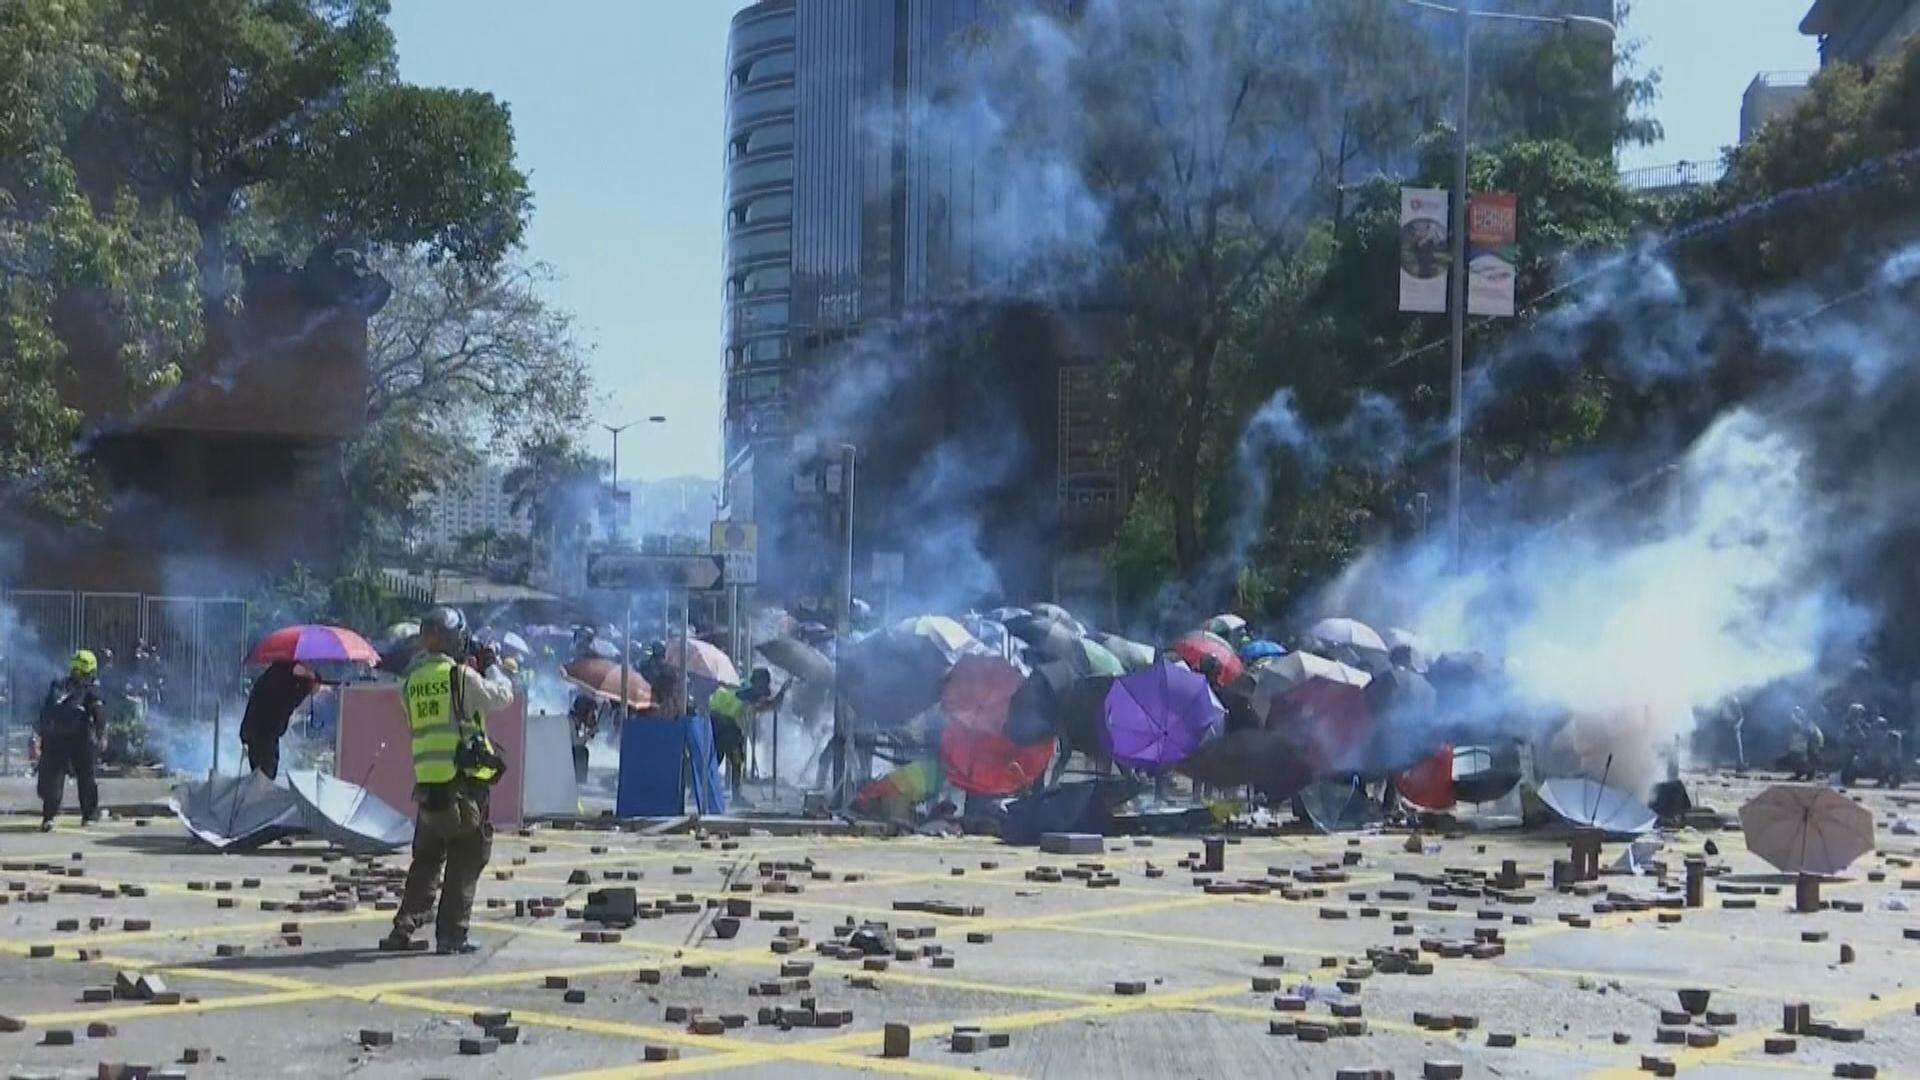 理大外再爆衝突 示威者向警擲汽油彈